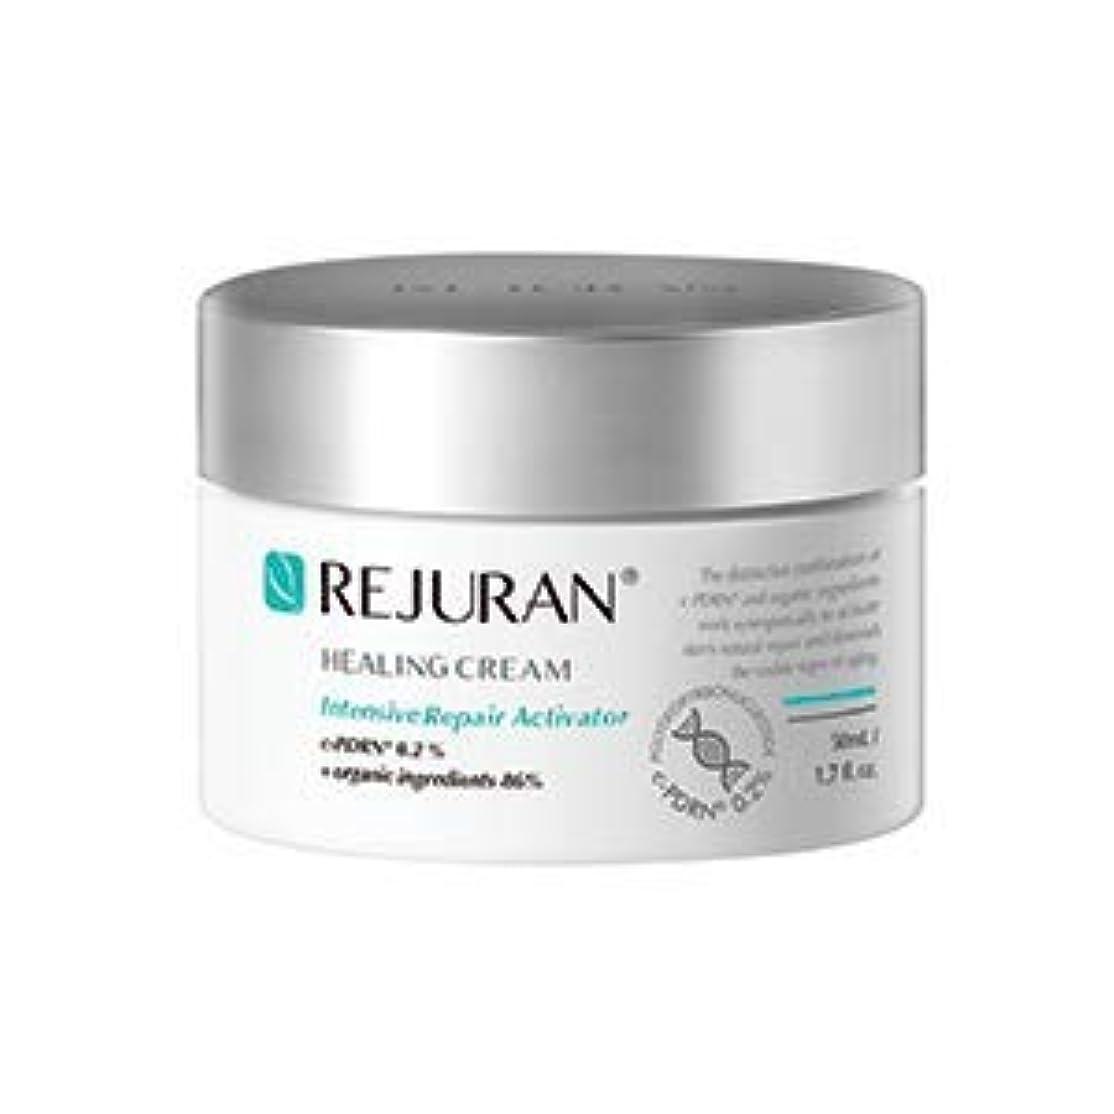 ティーム適格コレクション[ 皮膚科最高級ブランド ] リジュラン ヒーリング クリーム 50ml.(シワ改善機能性)REJURAN Healin Cream 50ml. X Healing Mask 2p